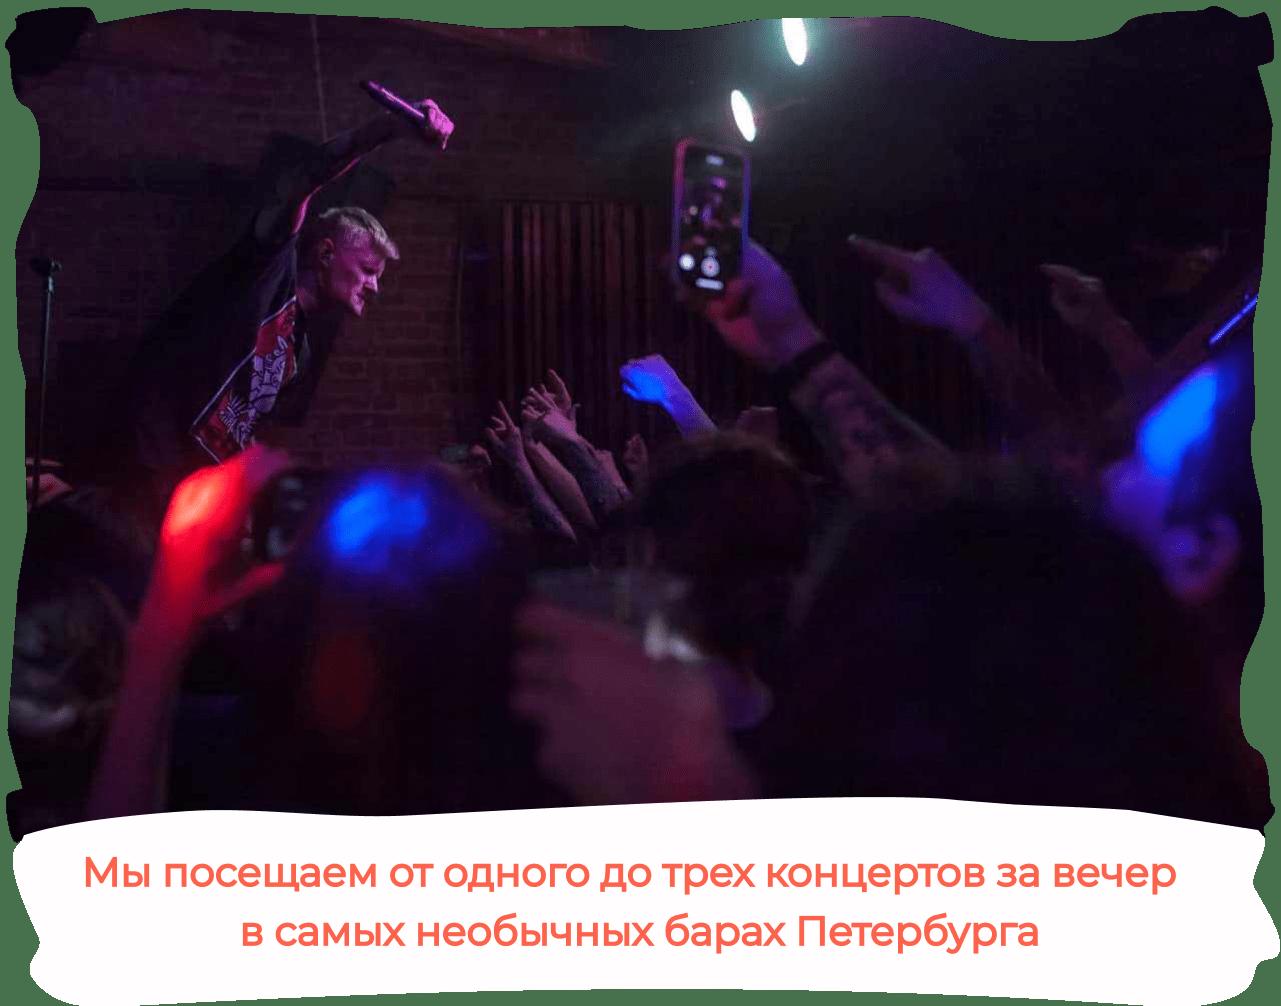 Мы посещаем от одного до трех концертов за вечер в самых необычных барах Петербурга